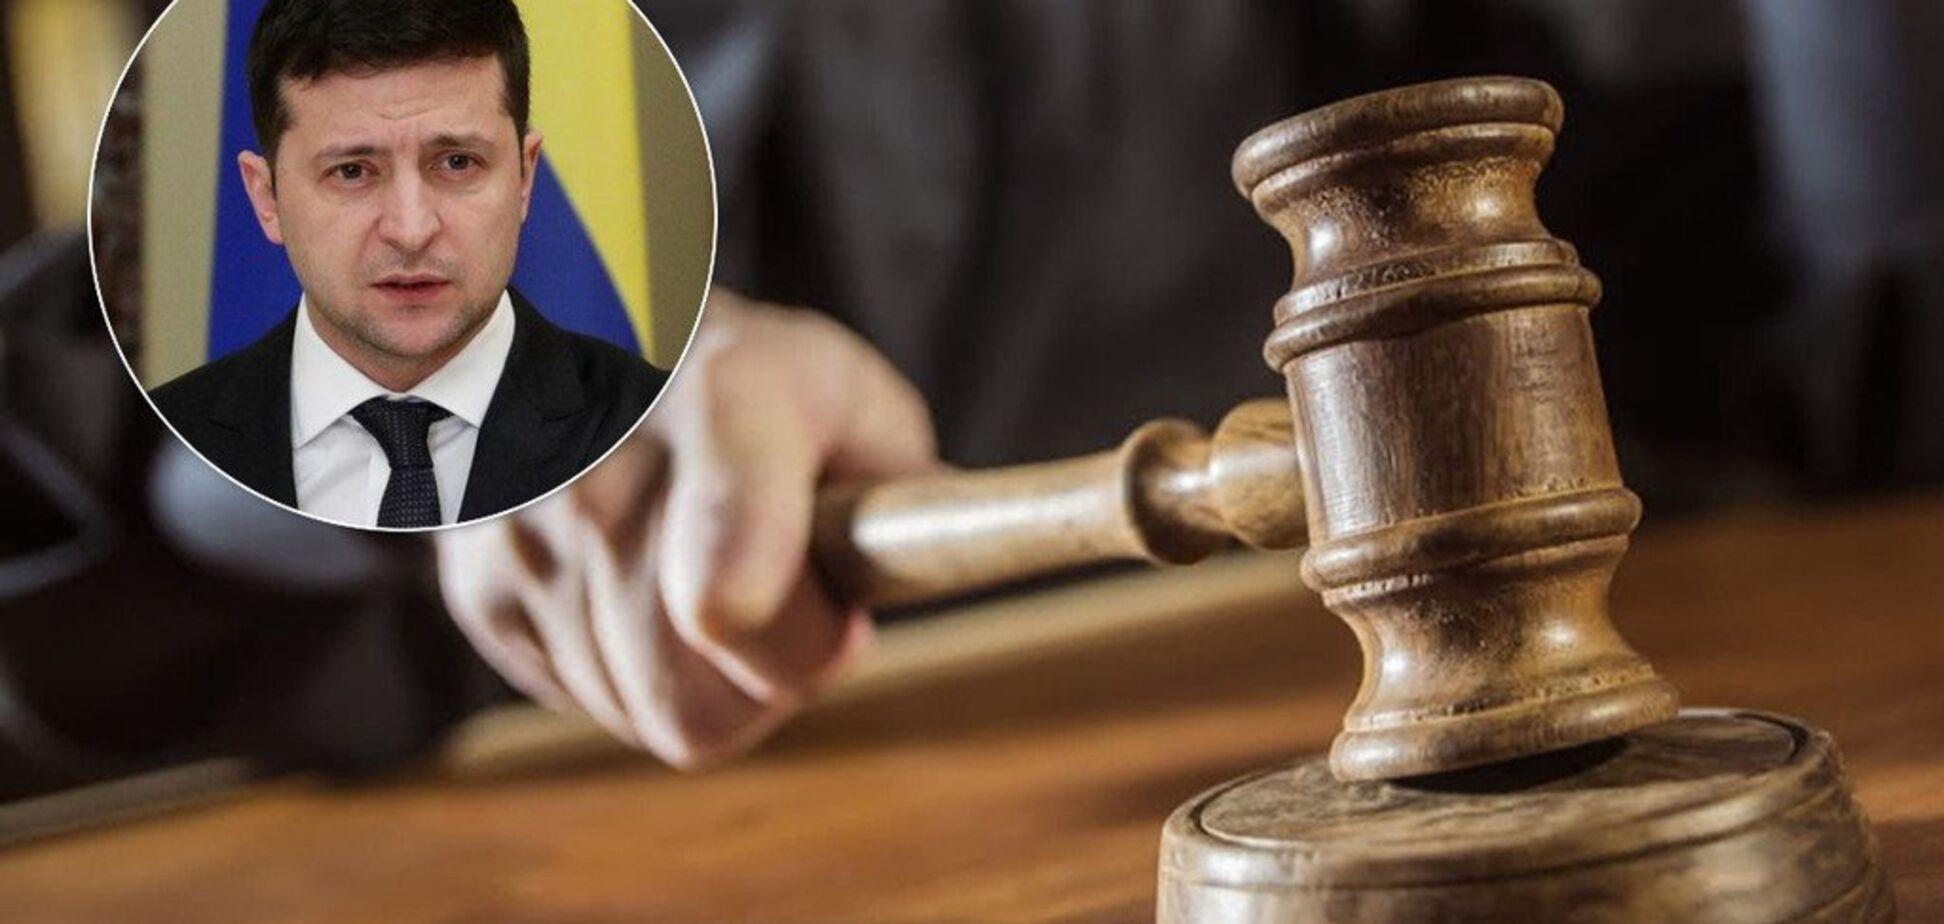 Судебная реформа Зеленского приведет к коллапсу? О чем предупредила Украину Венецианская комиссия